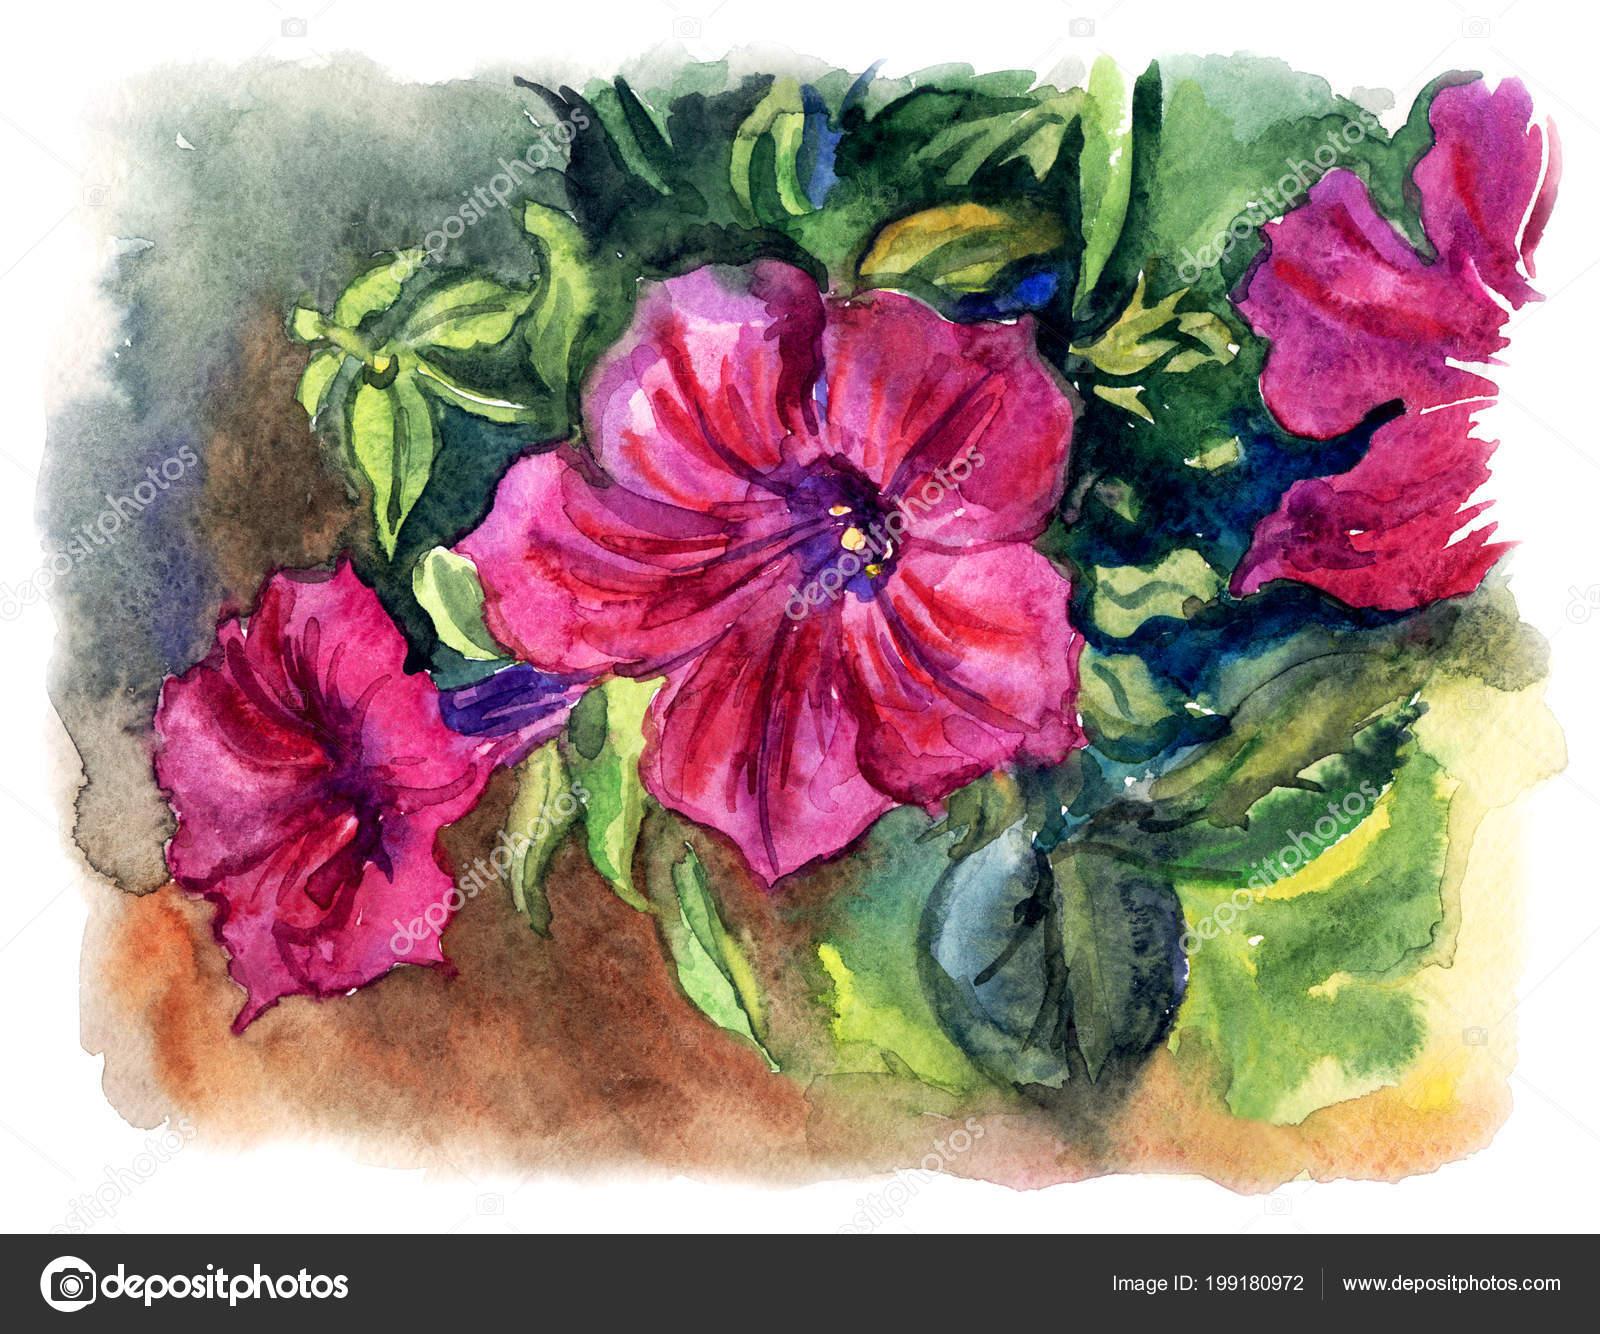 Flores Petunias Sombra Ilustracion Acuarela Dibujo Mano Foto De - Flores-de-sombra